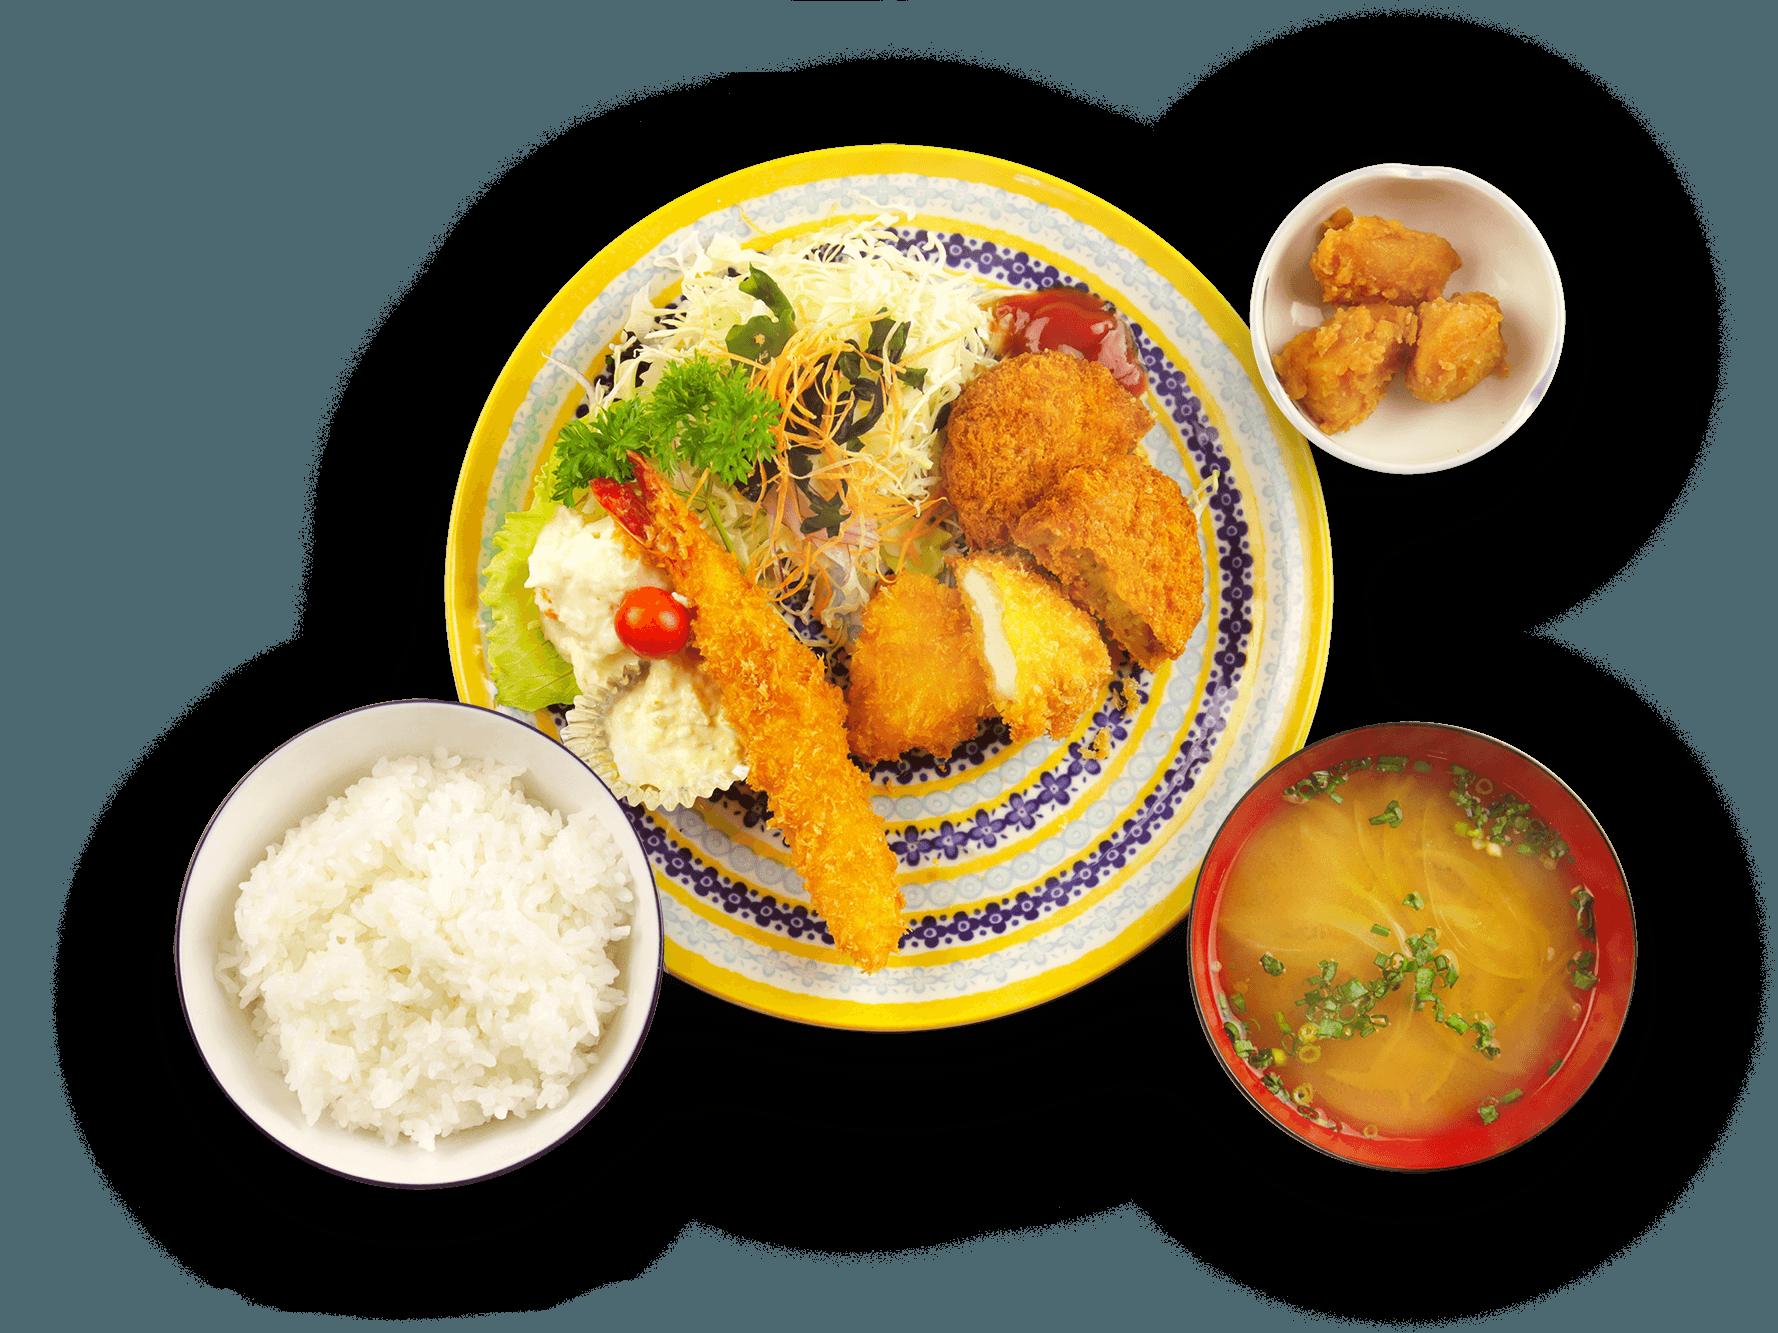 エビフライ、チキンカツ、コロッケ定食